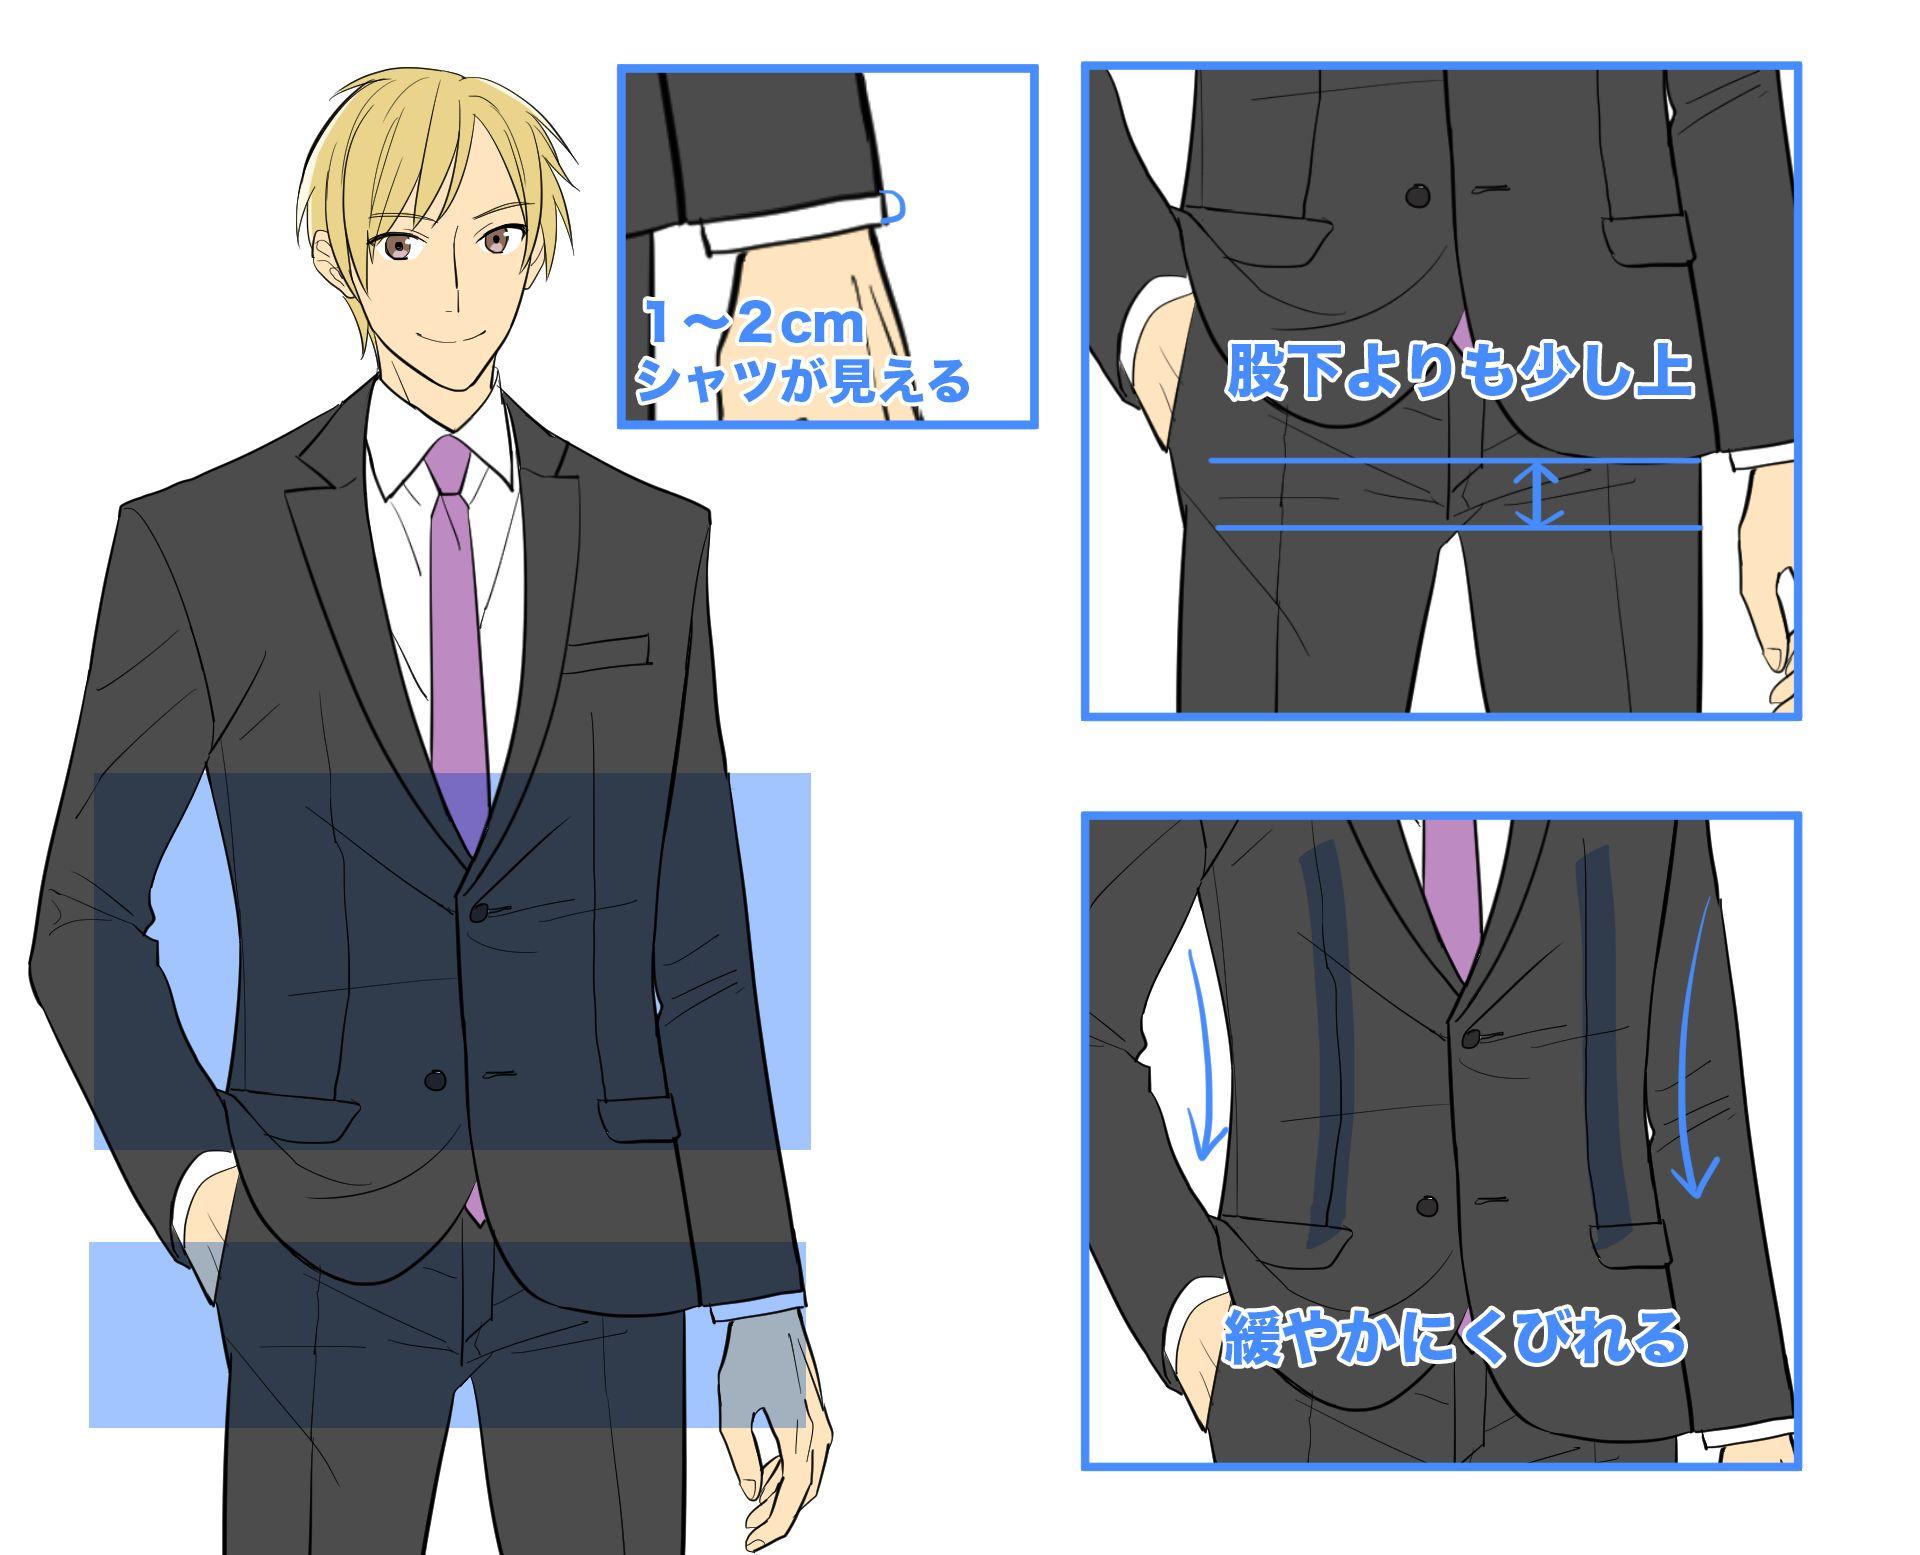 スーツ男子の描き方講座〈スーツの種類・仕組みも解説!〉   イラスト